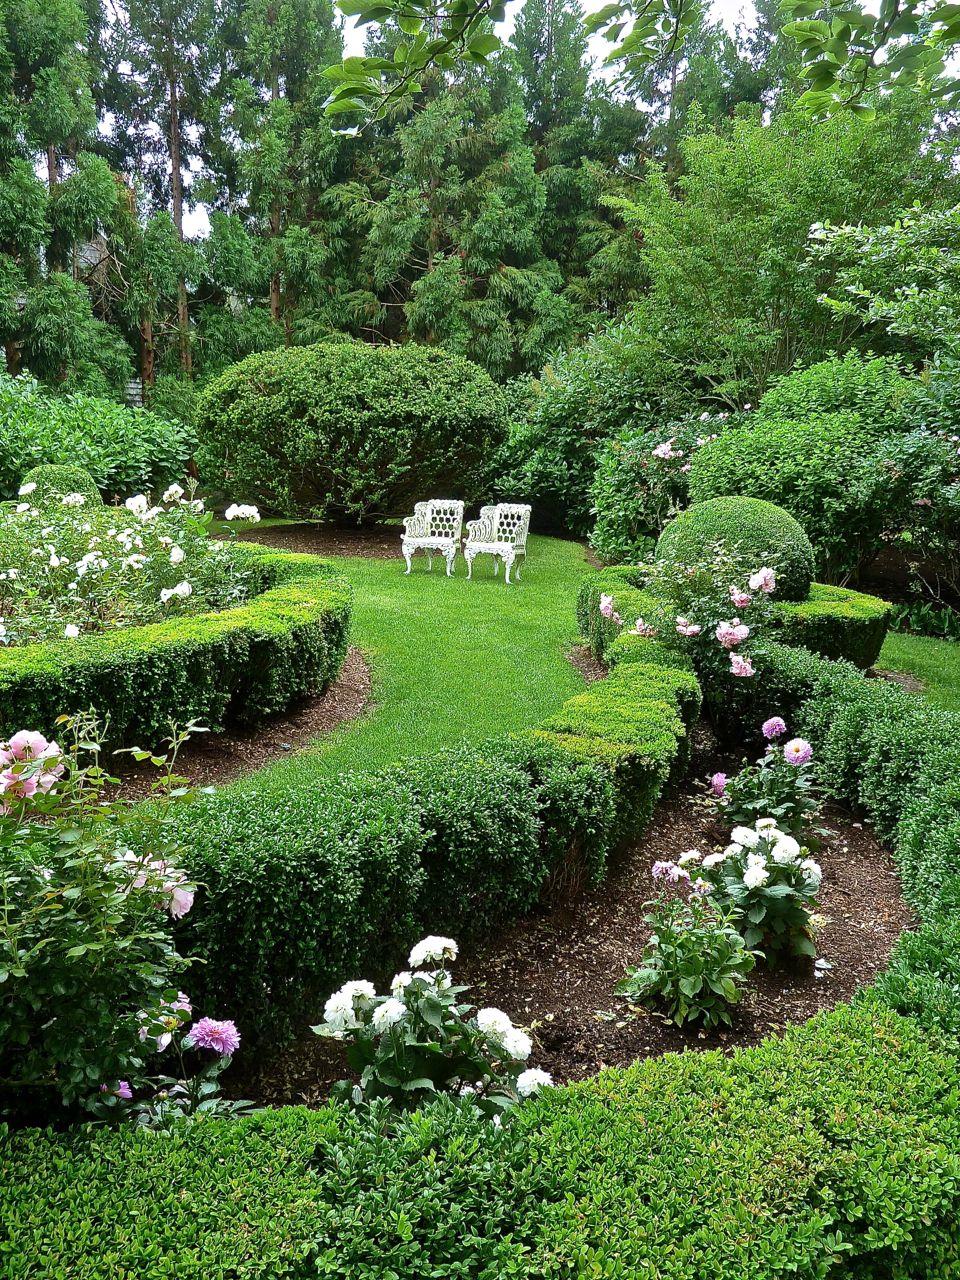 Amazing garden designs on pinterest garden design for Amazing garden designs